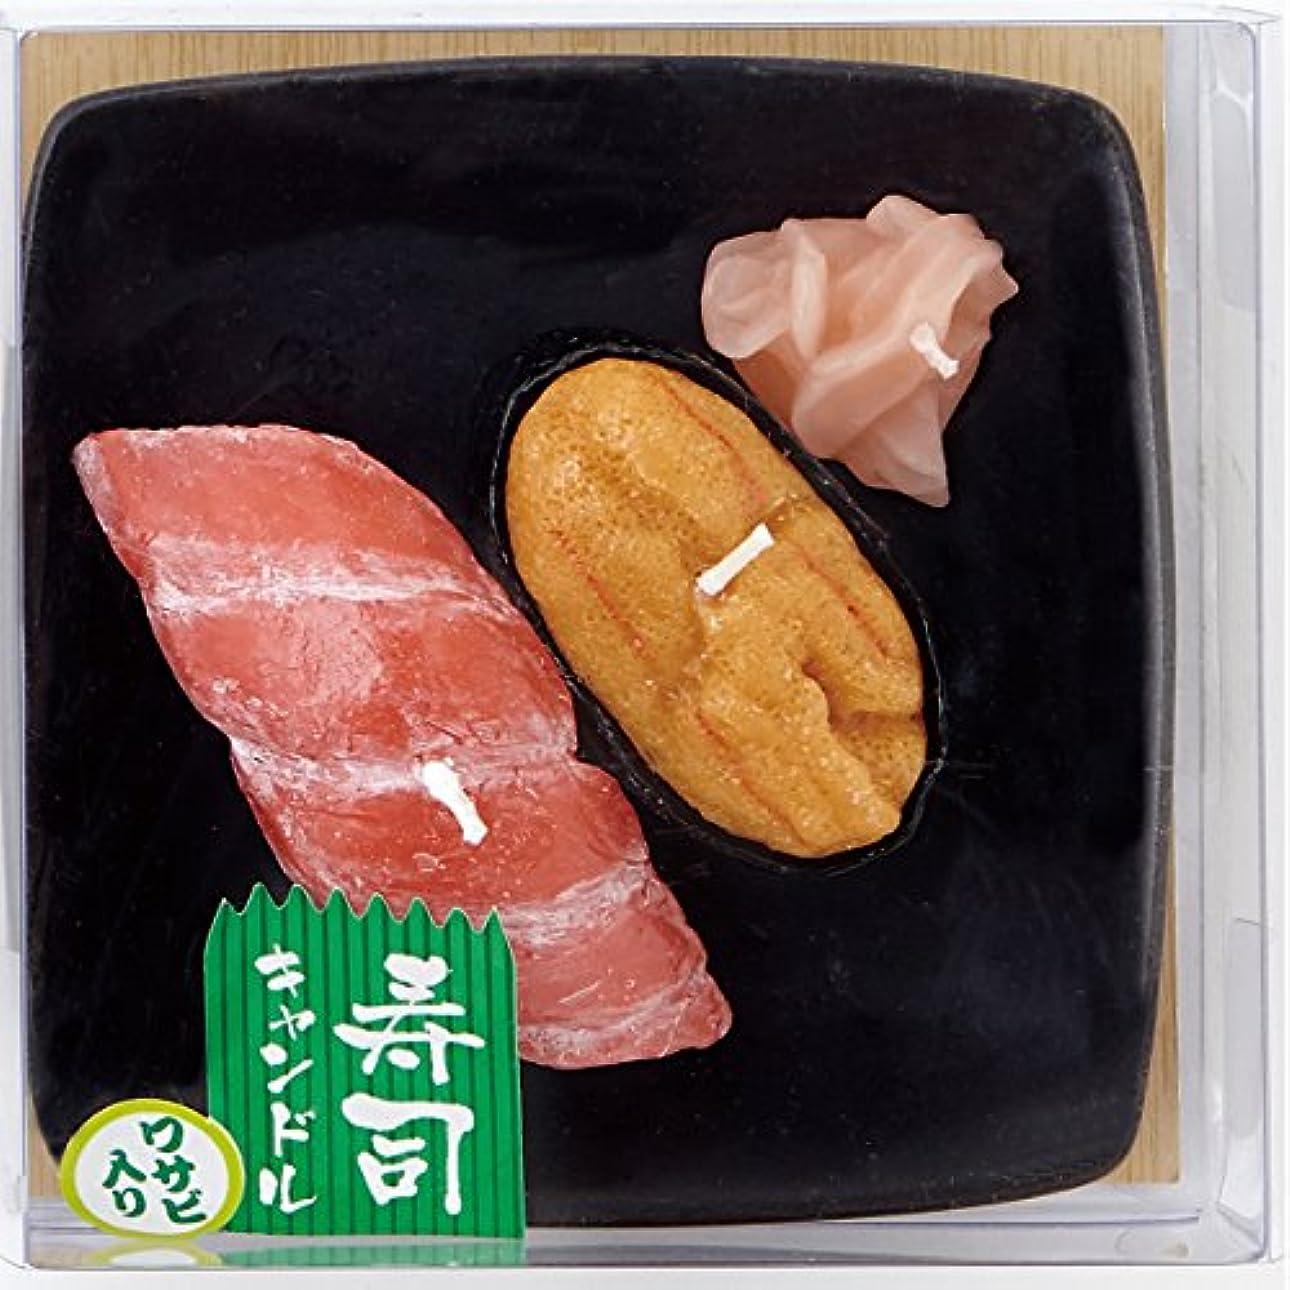 ミュウミュウ霜派手寿司キャンドル C(ウニ?大トロ) サビ入